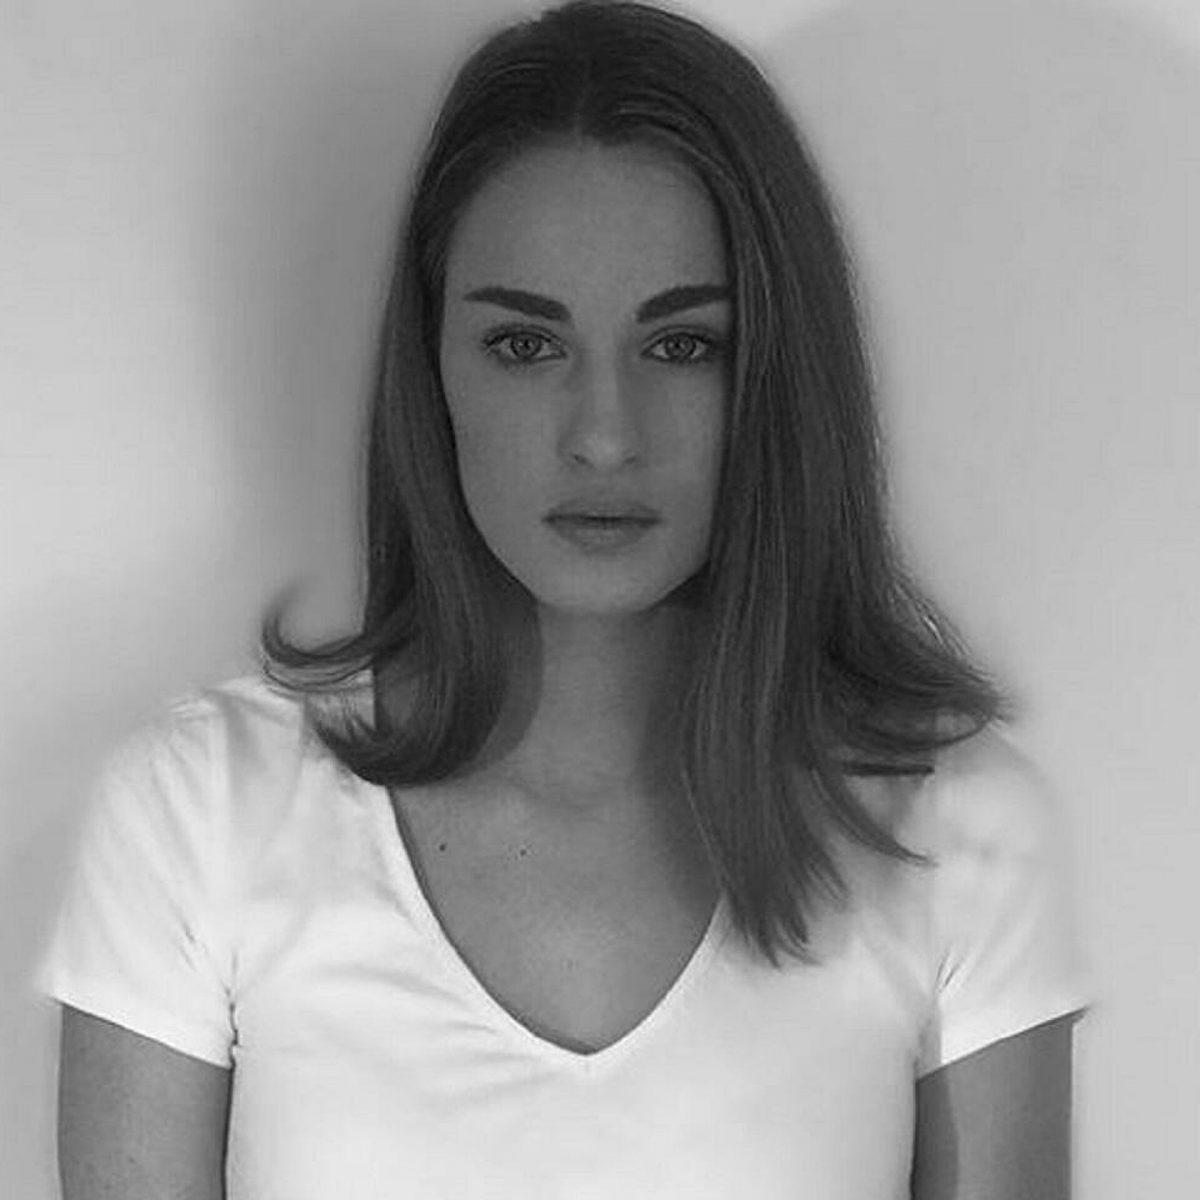 Τελευταίο αντίο στον Τόλη Βοσκόπουλο - Συντετριμμένη η κόρη του Μαρία αποχαιρετά τον μπαμπά της